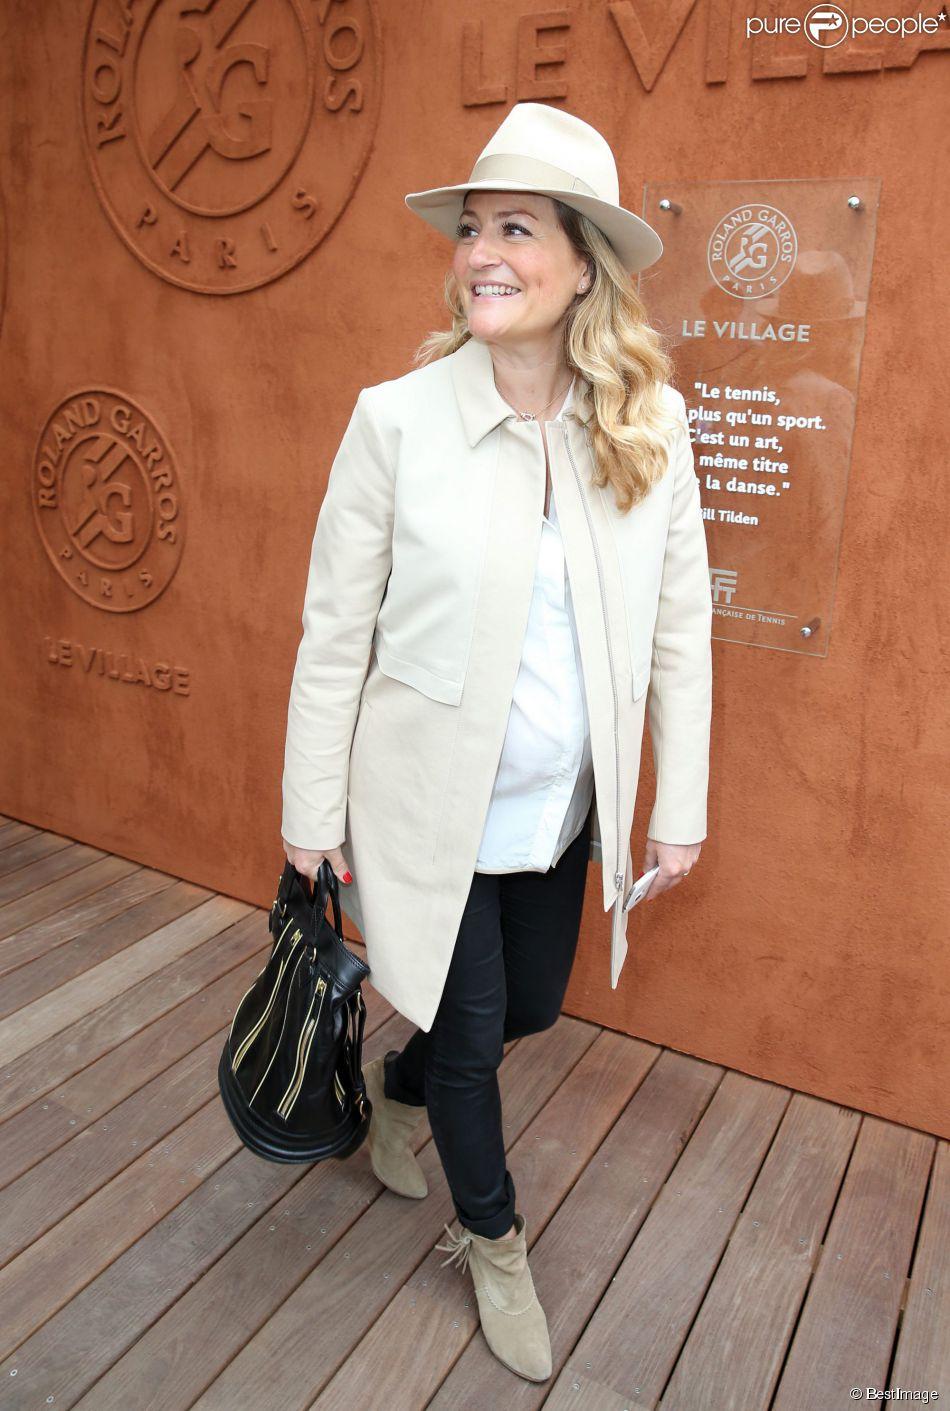 Astrid Bard, enceinte au village Roland-Garros lors des Internationaux de France à Roland Garros à Paris, le 28 mai 2014